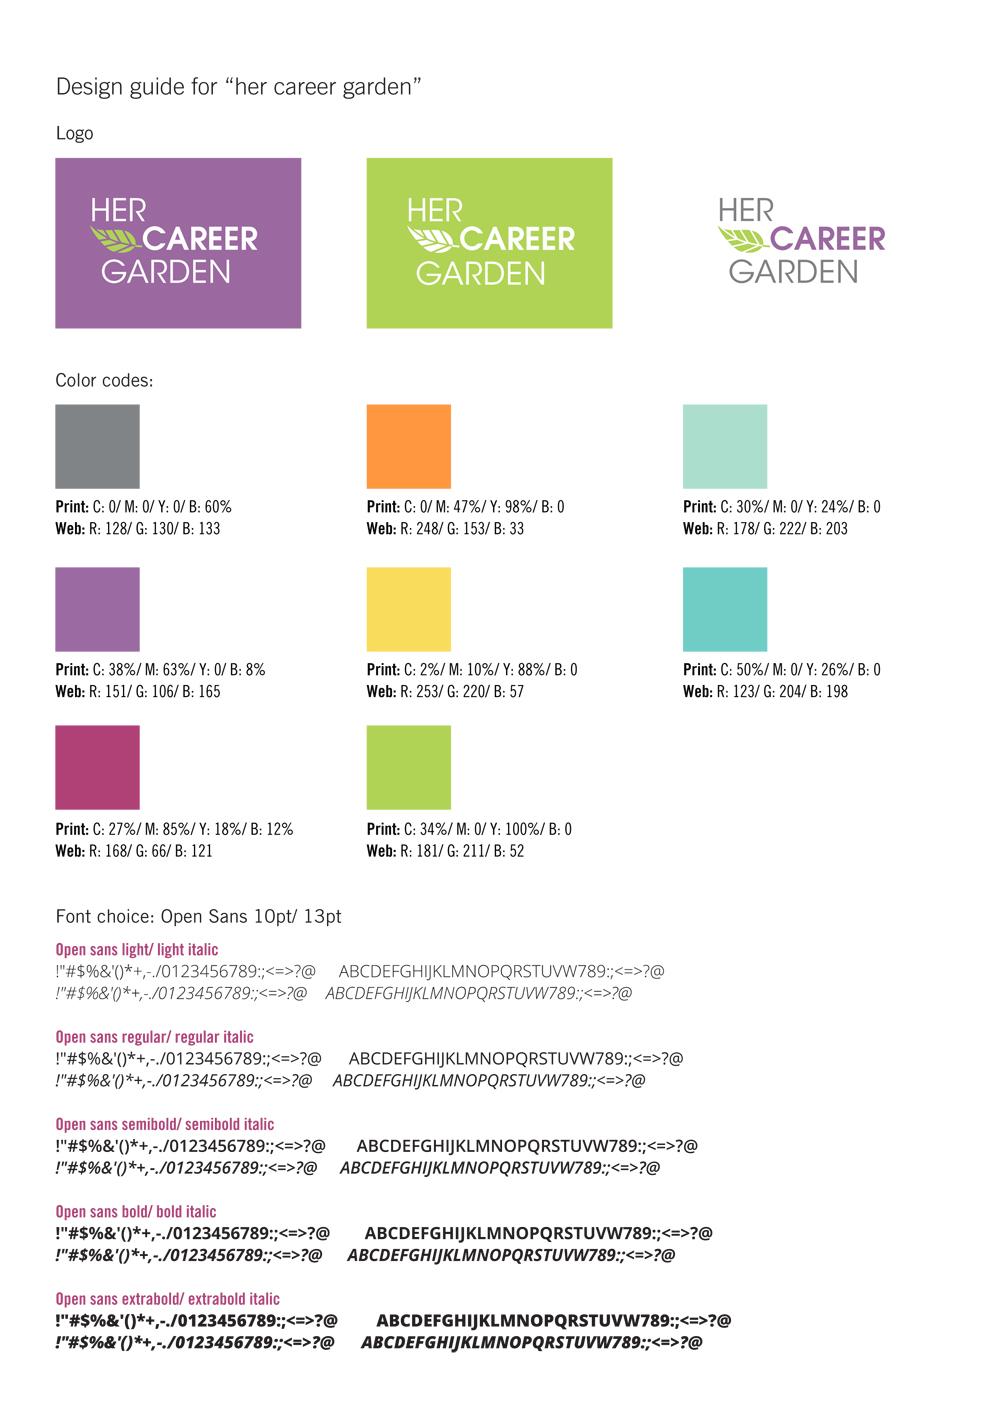 Her Career Garden_Design guide_web-1.jpg